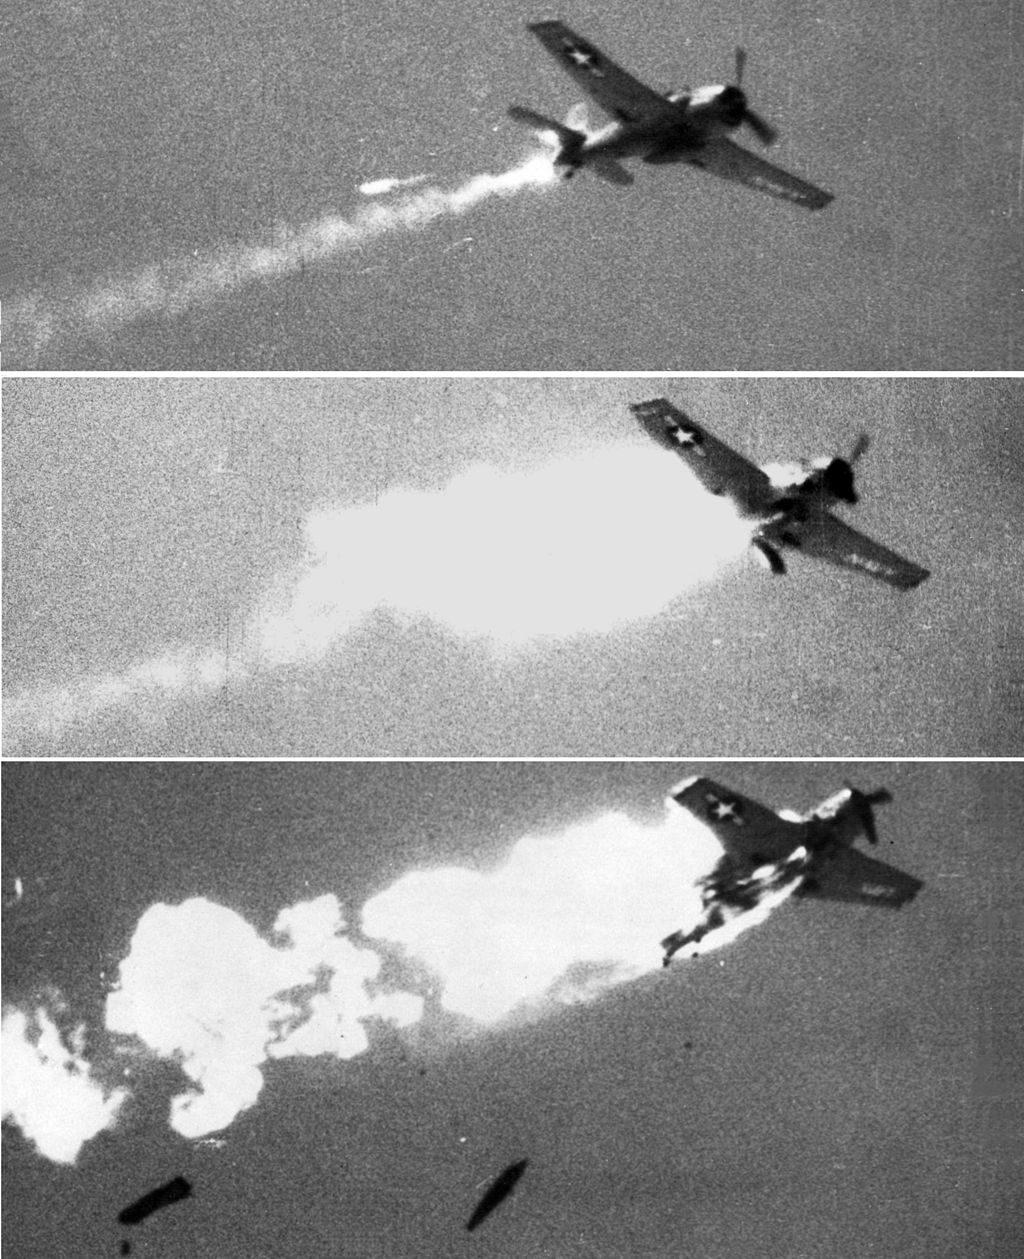 esta-sequencia-mostra-os-efeitos-de-um-acerto-em-um-drone-f6f-5k-por-um-missil-experimental-xaam-n-7-sidewinder